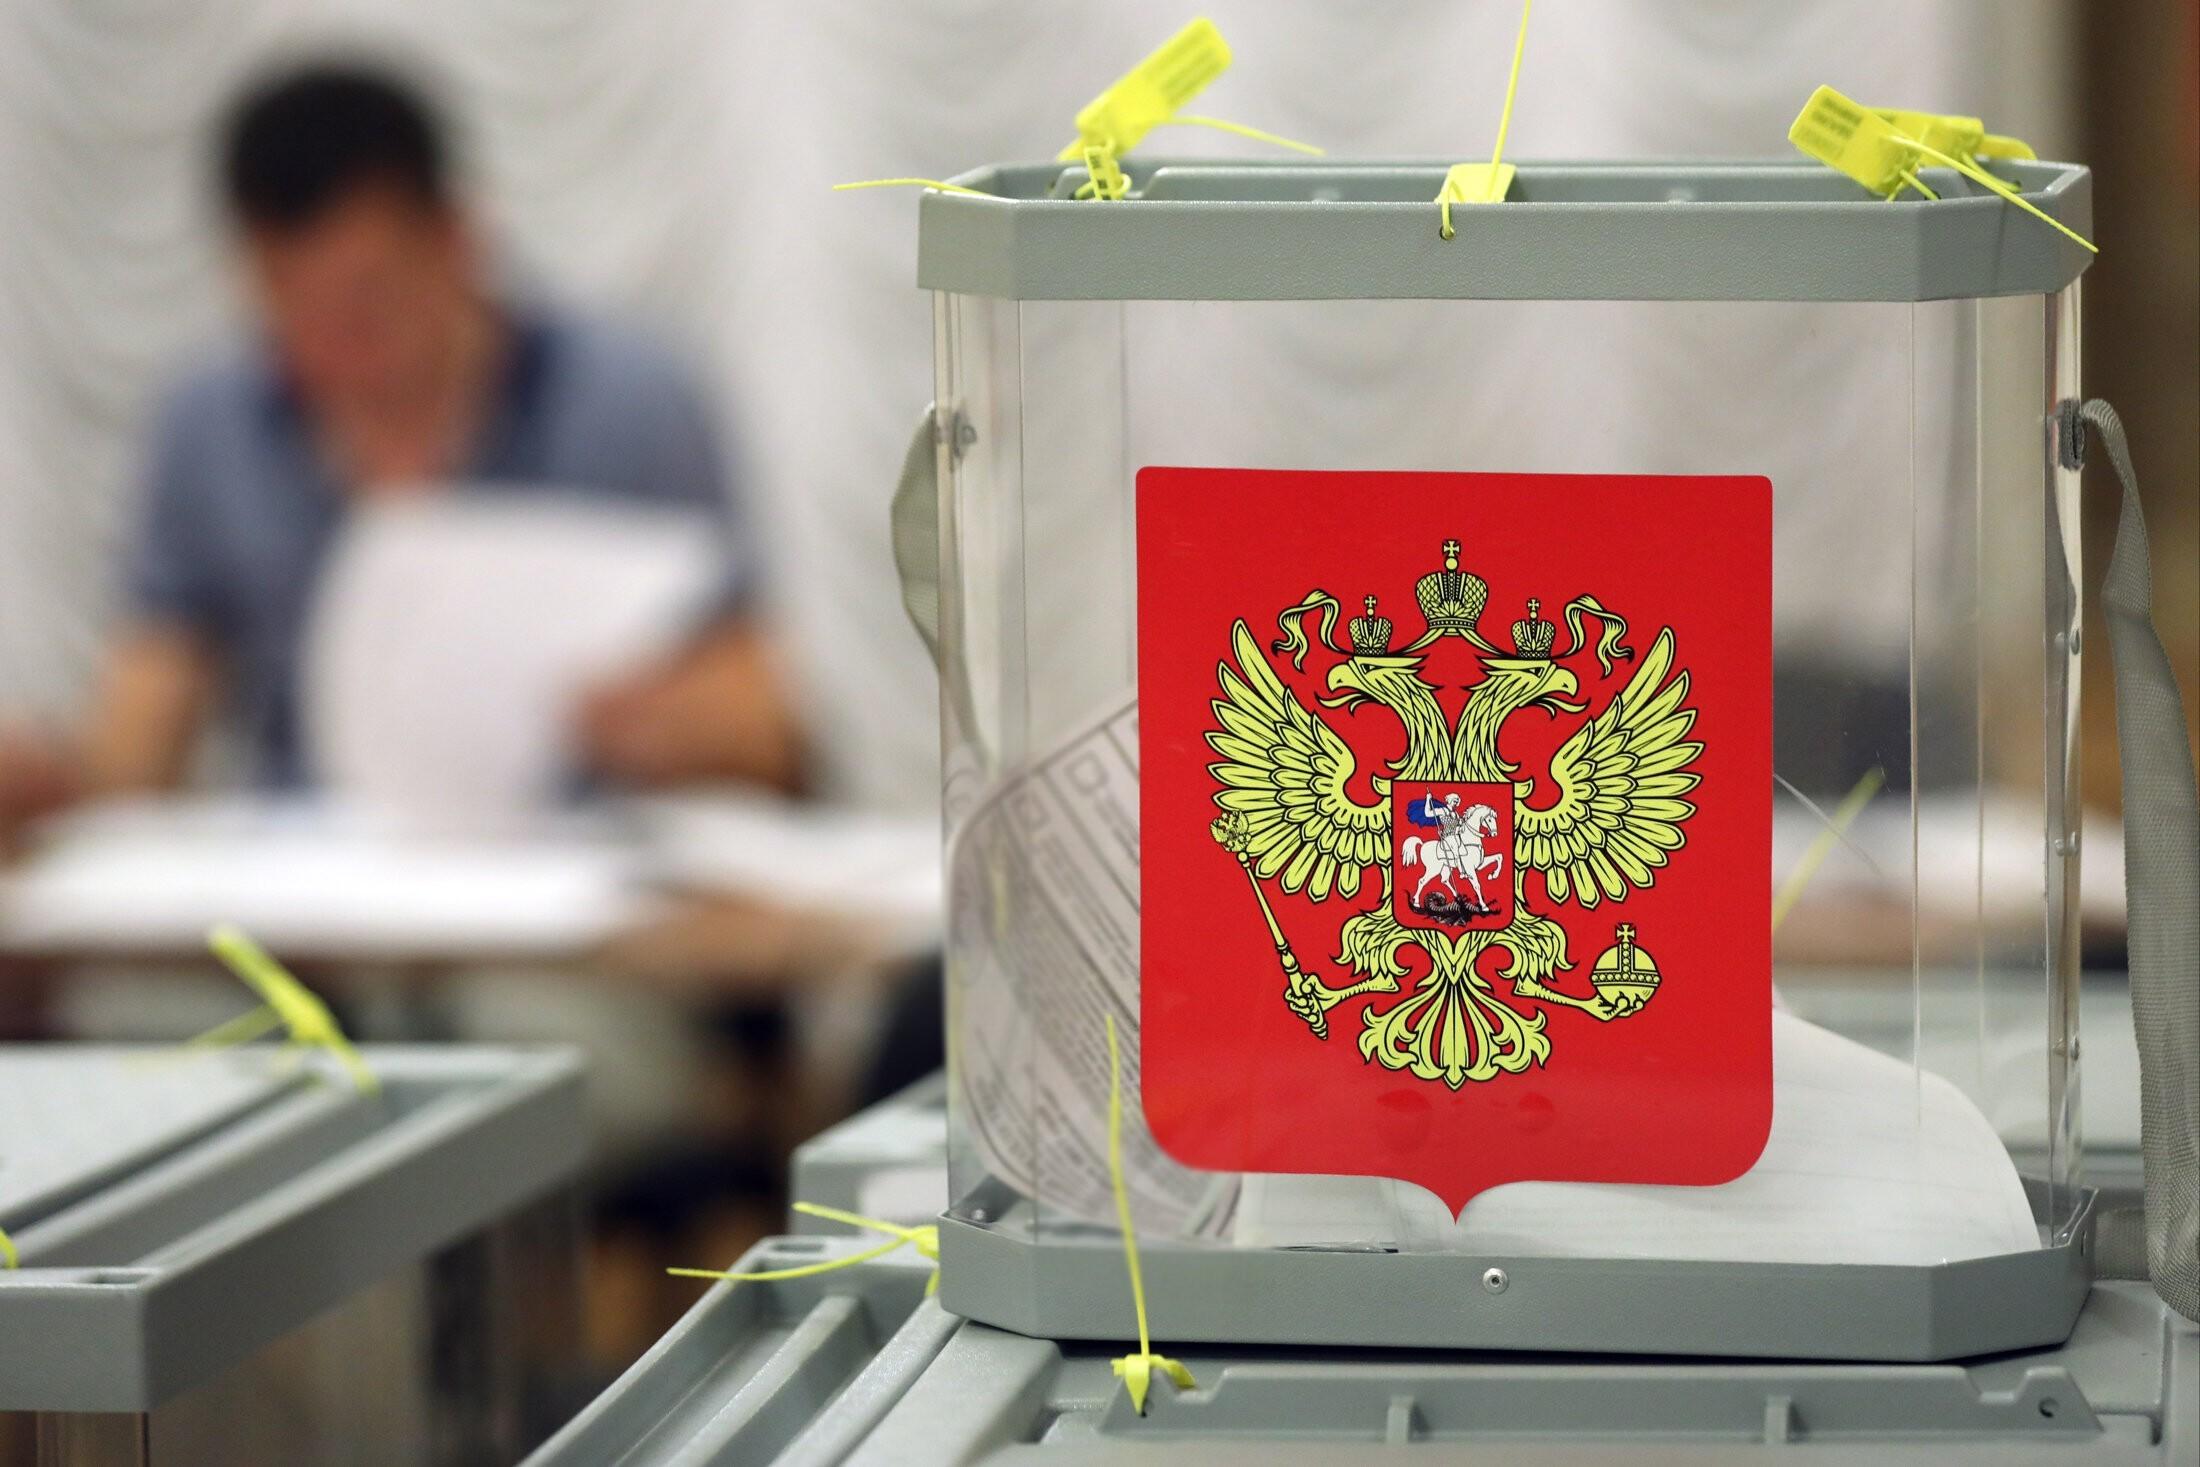 Эксперт: Во время выборов США планируют организовать в России скандалы и провокации